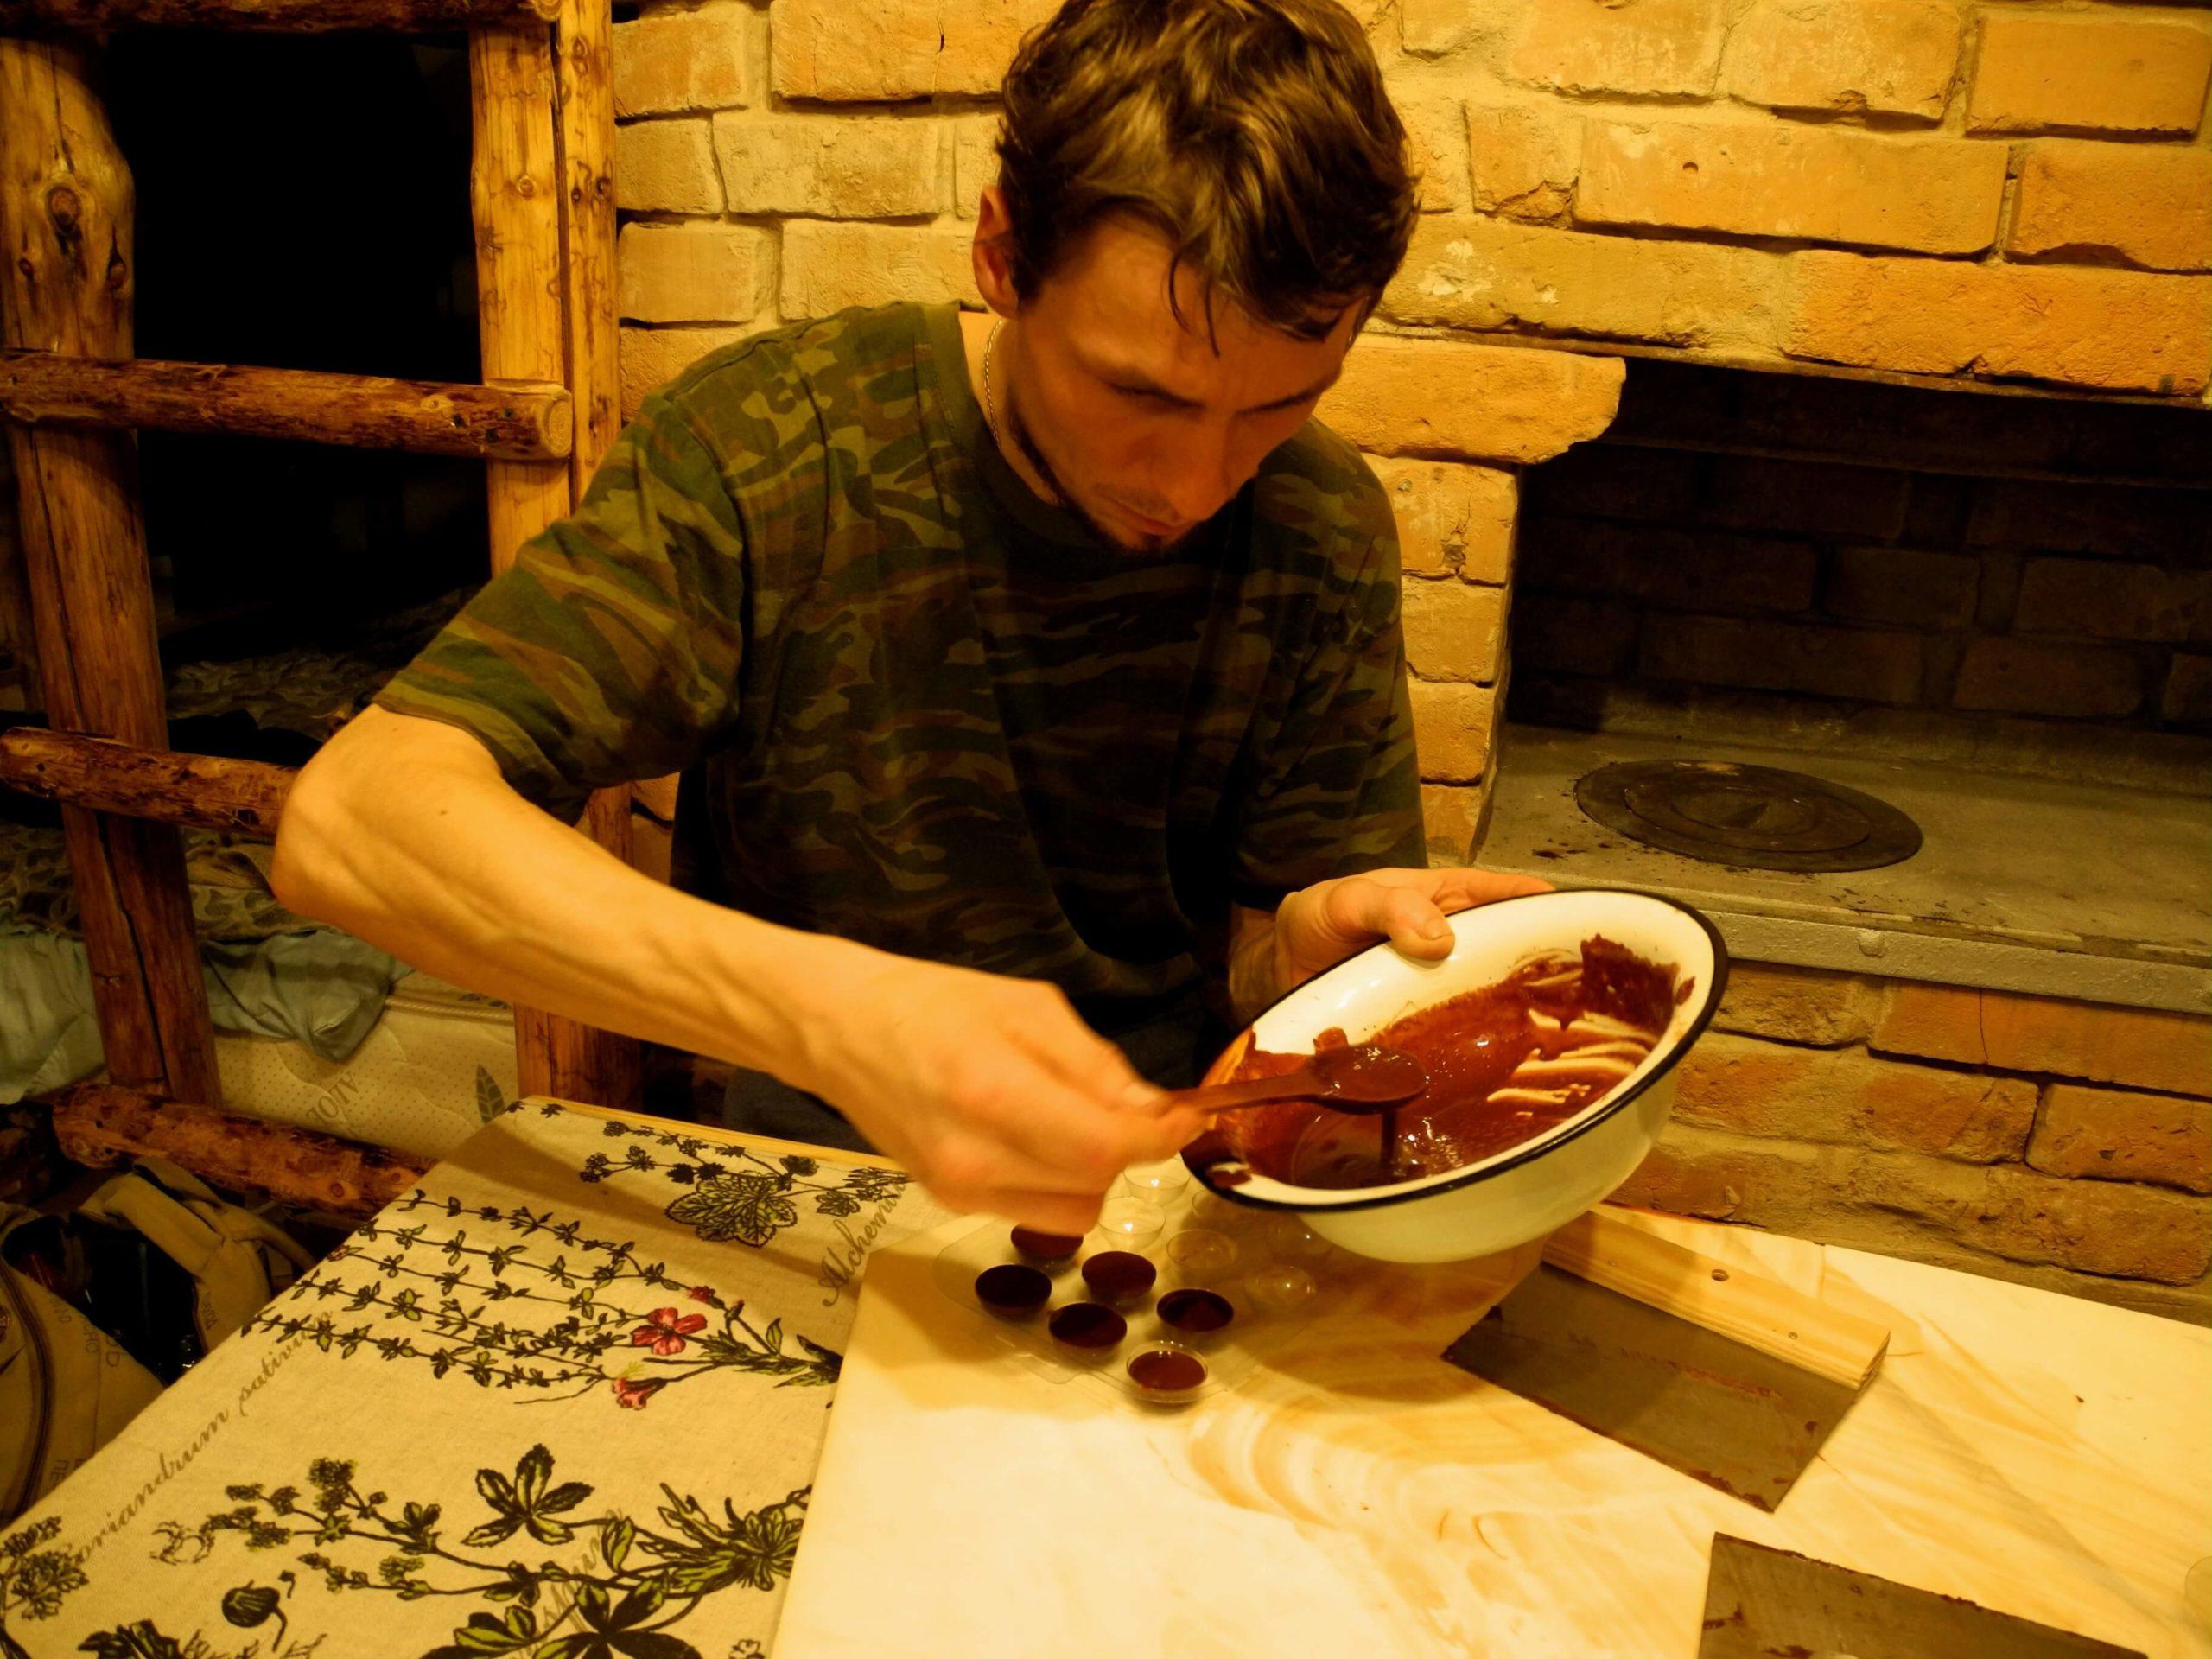 Навык повара кондитера в деревне